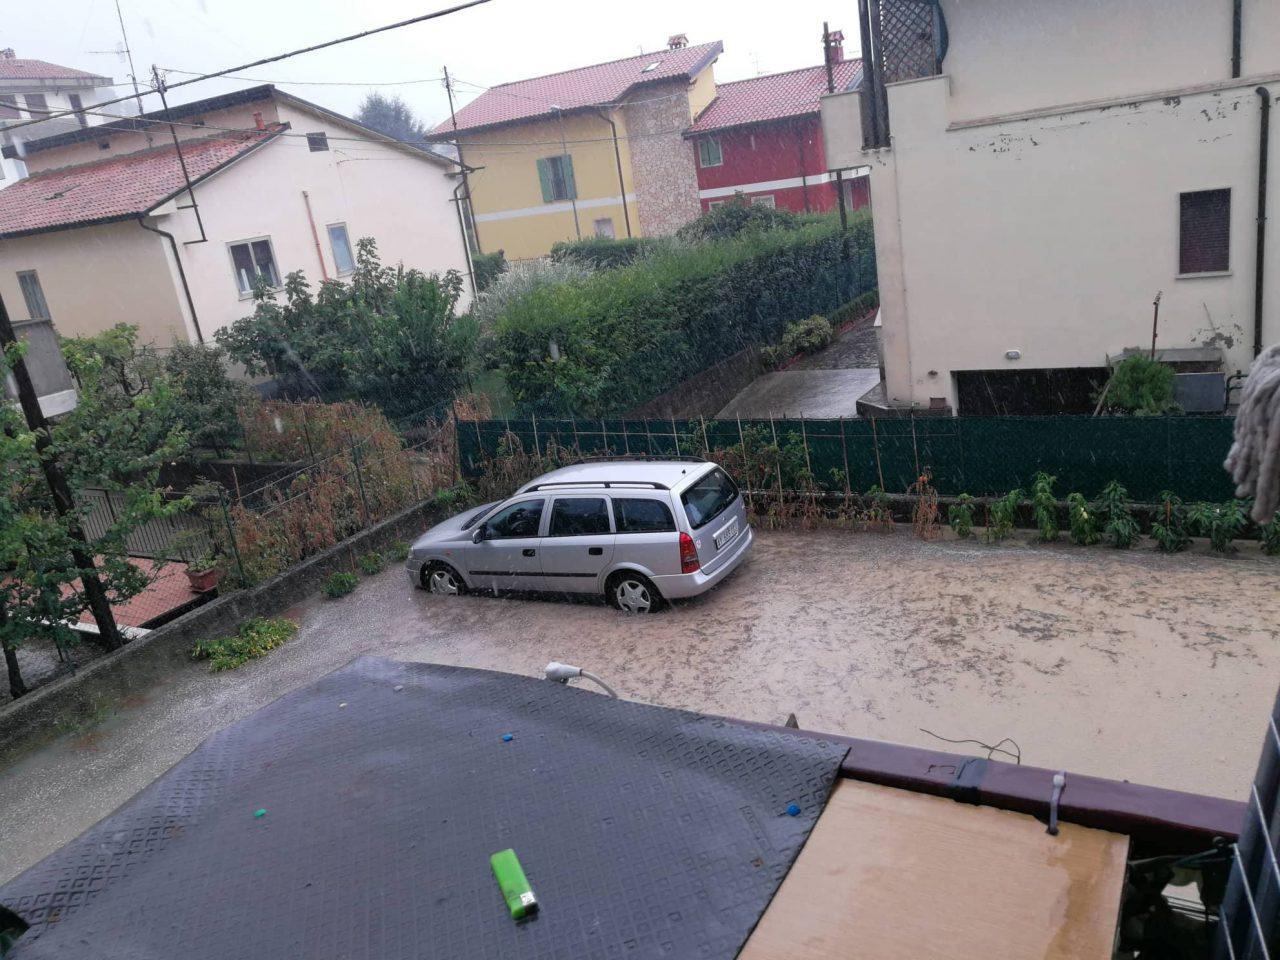 Danni da maltempo: nubifragio in Valpolicella. Arrivano in queste ore i bollettini delle varie zone colpite dalle bombe d